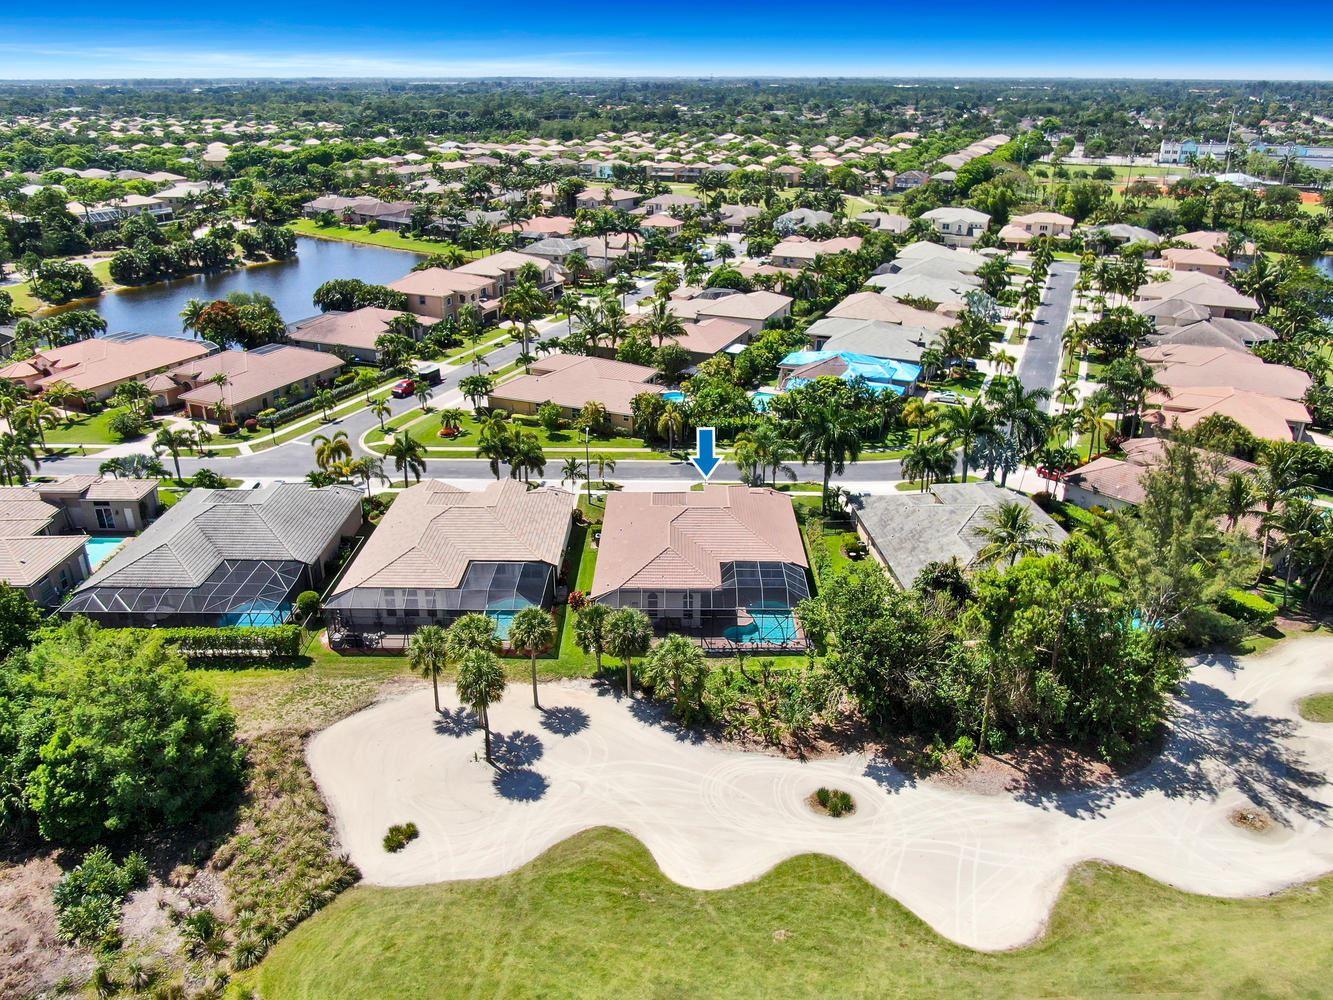 1843 Waldorf Drive, Royal Palm Beach, FL 33411 - #: RX-10622907